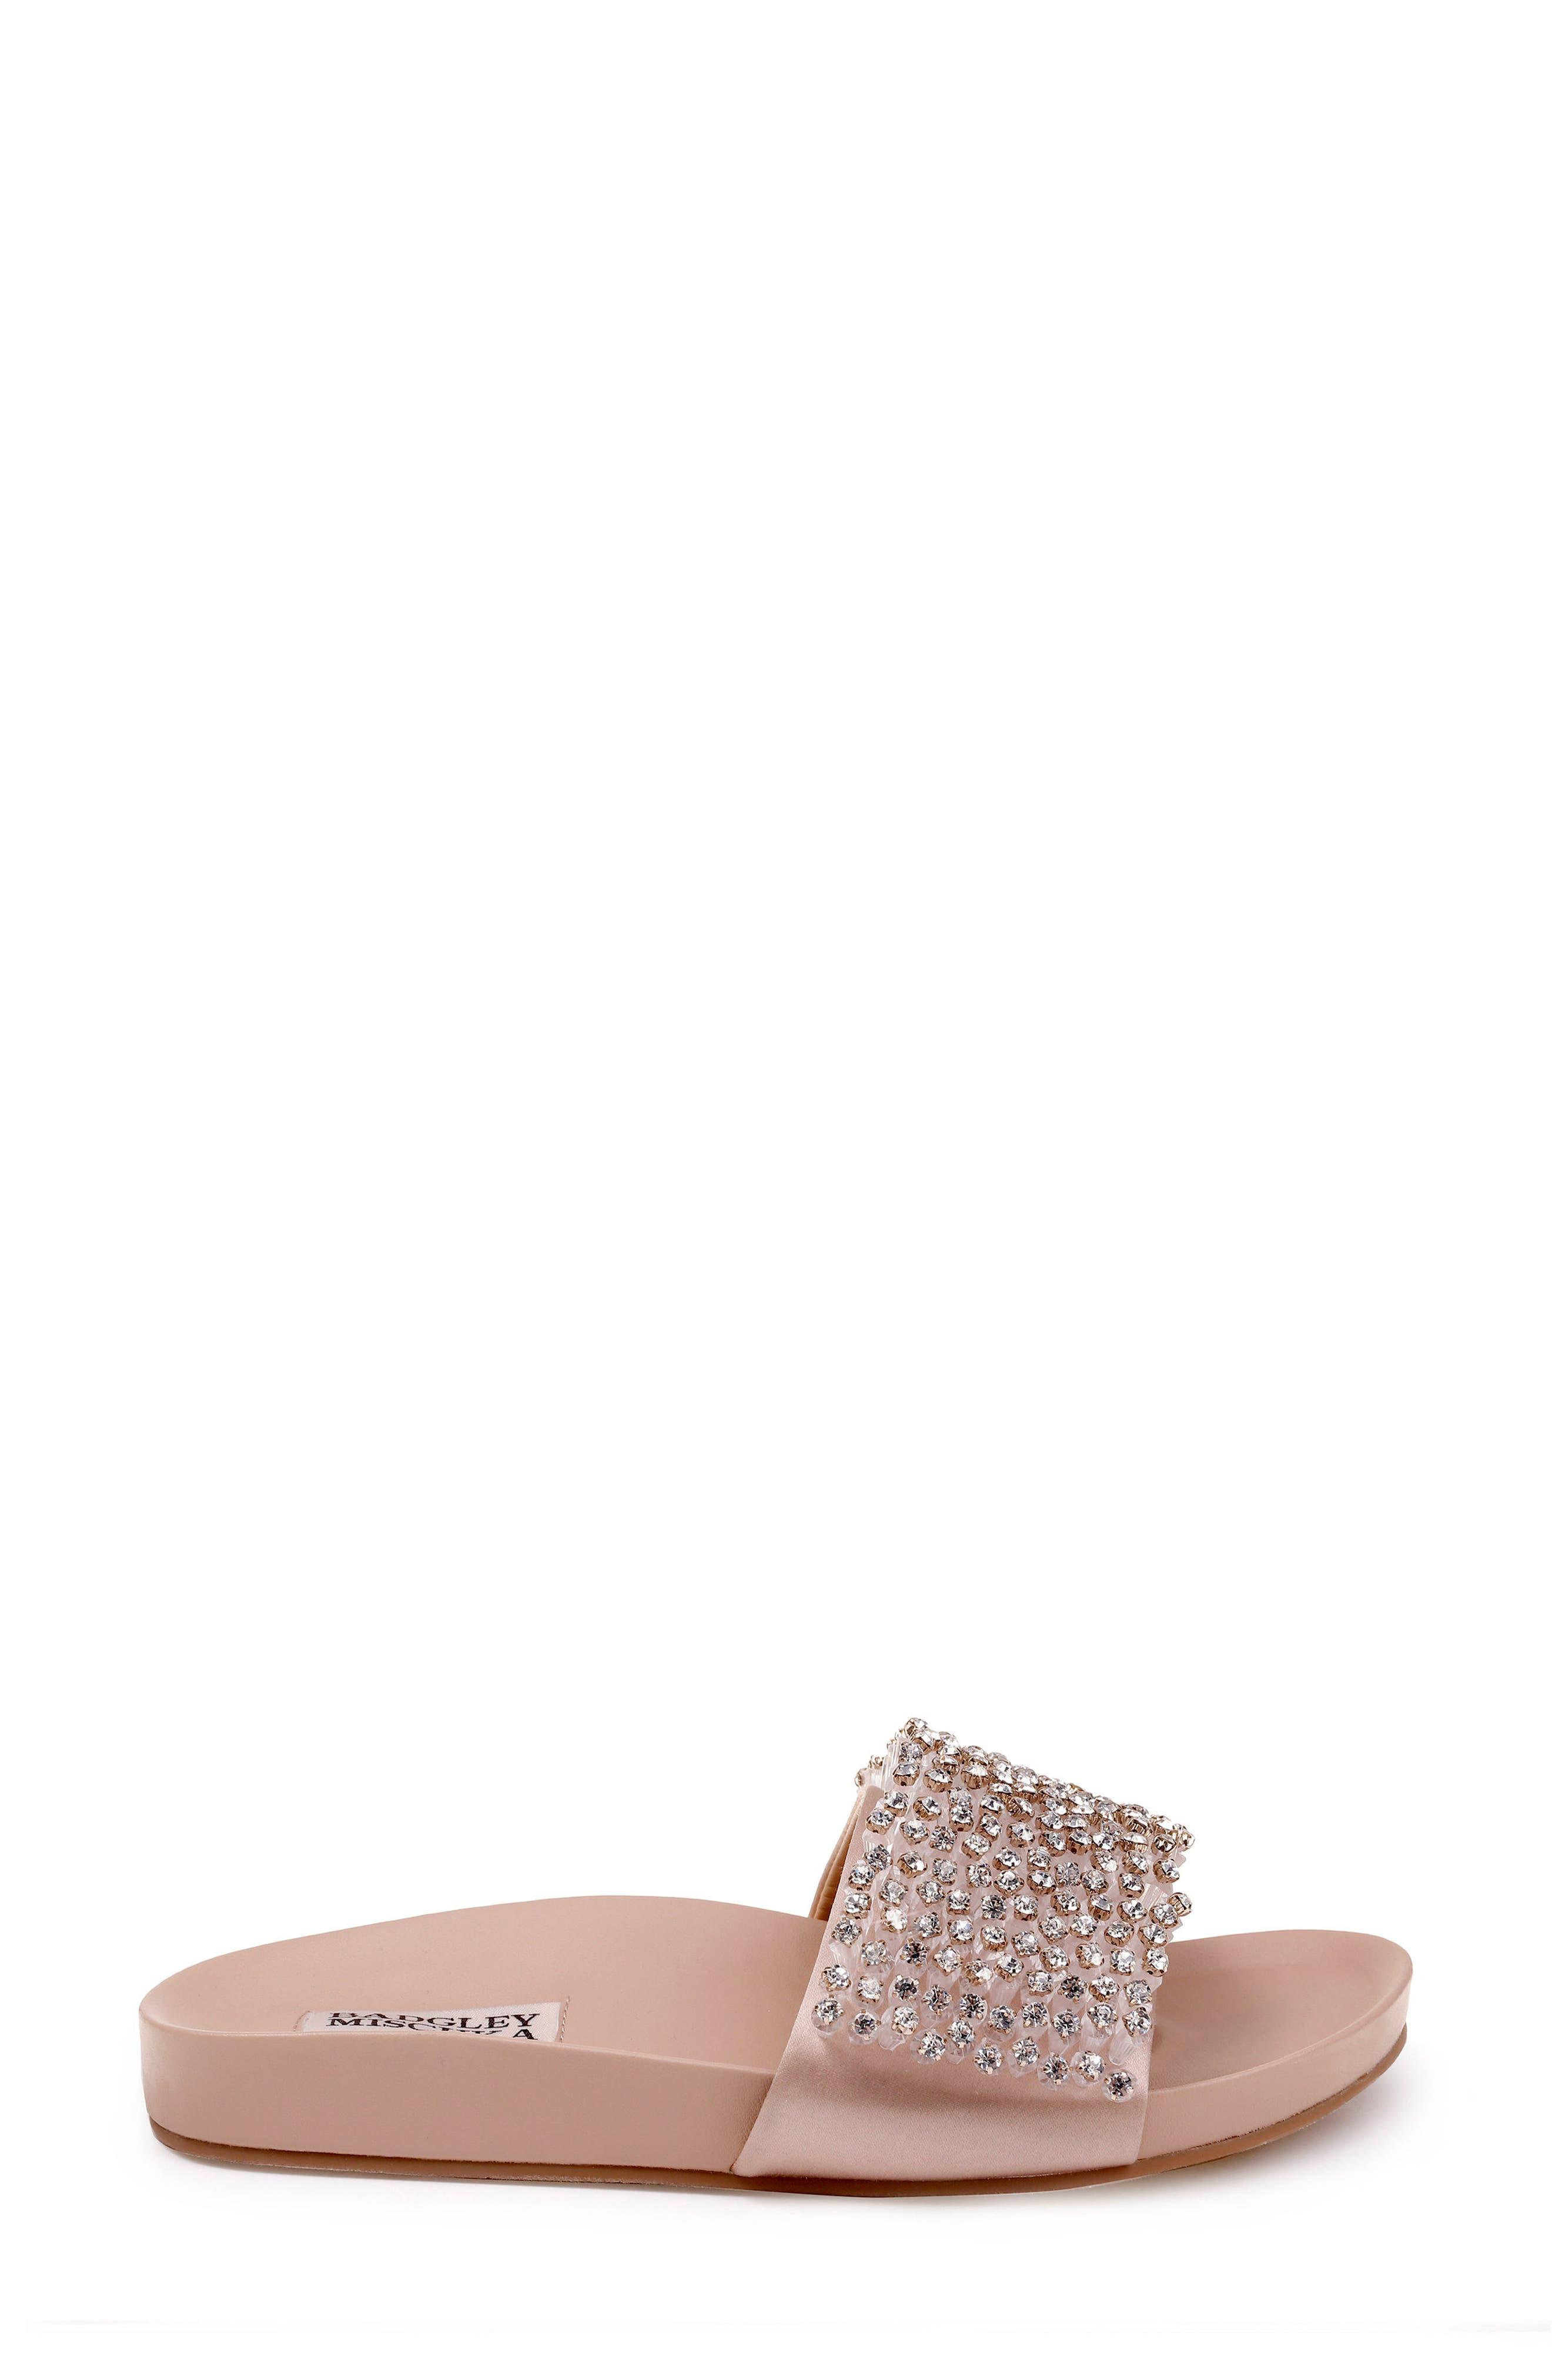 Horton Crystal Embellished Sandal,                             Alternate thumbnail 12, color,